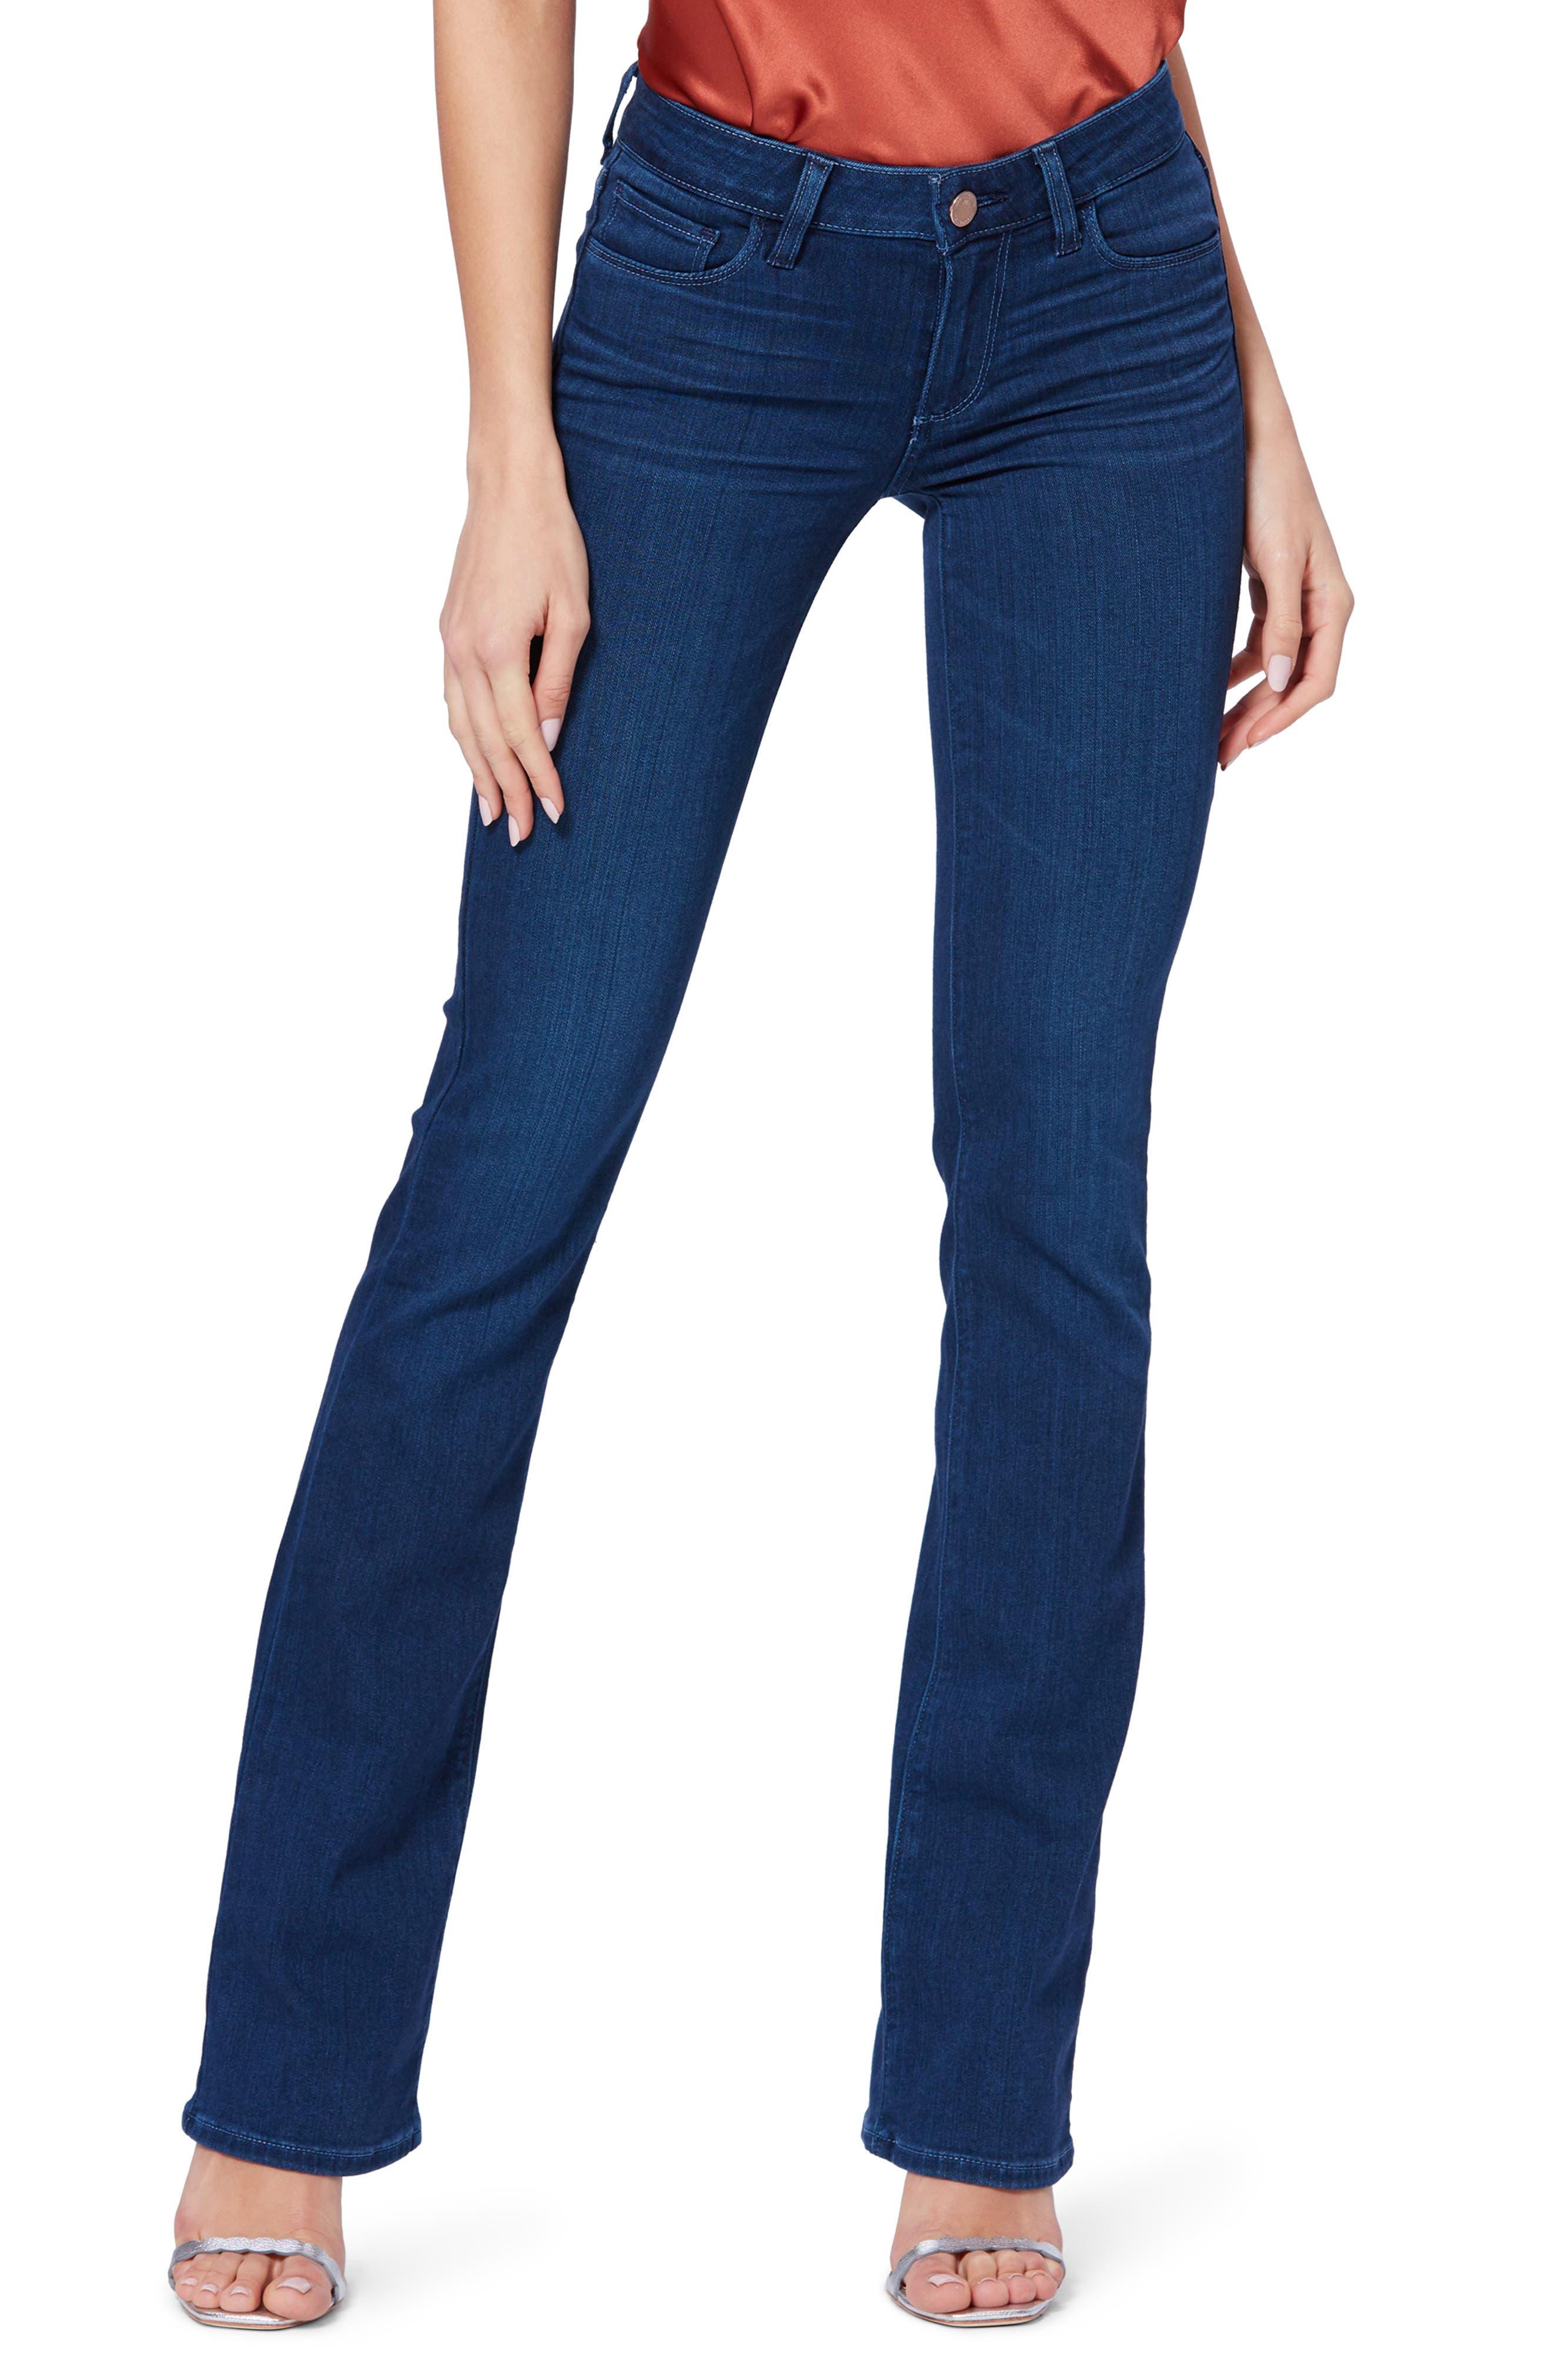 Petite Women's Paige Transcend - Manhattan Bootcut Jeans